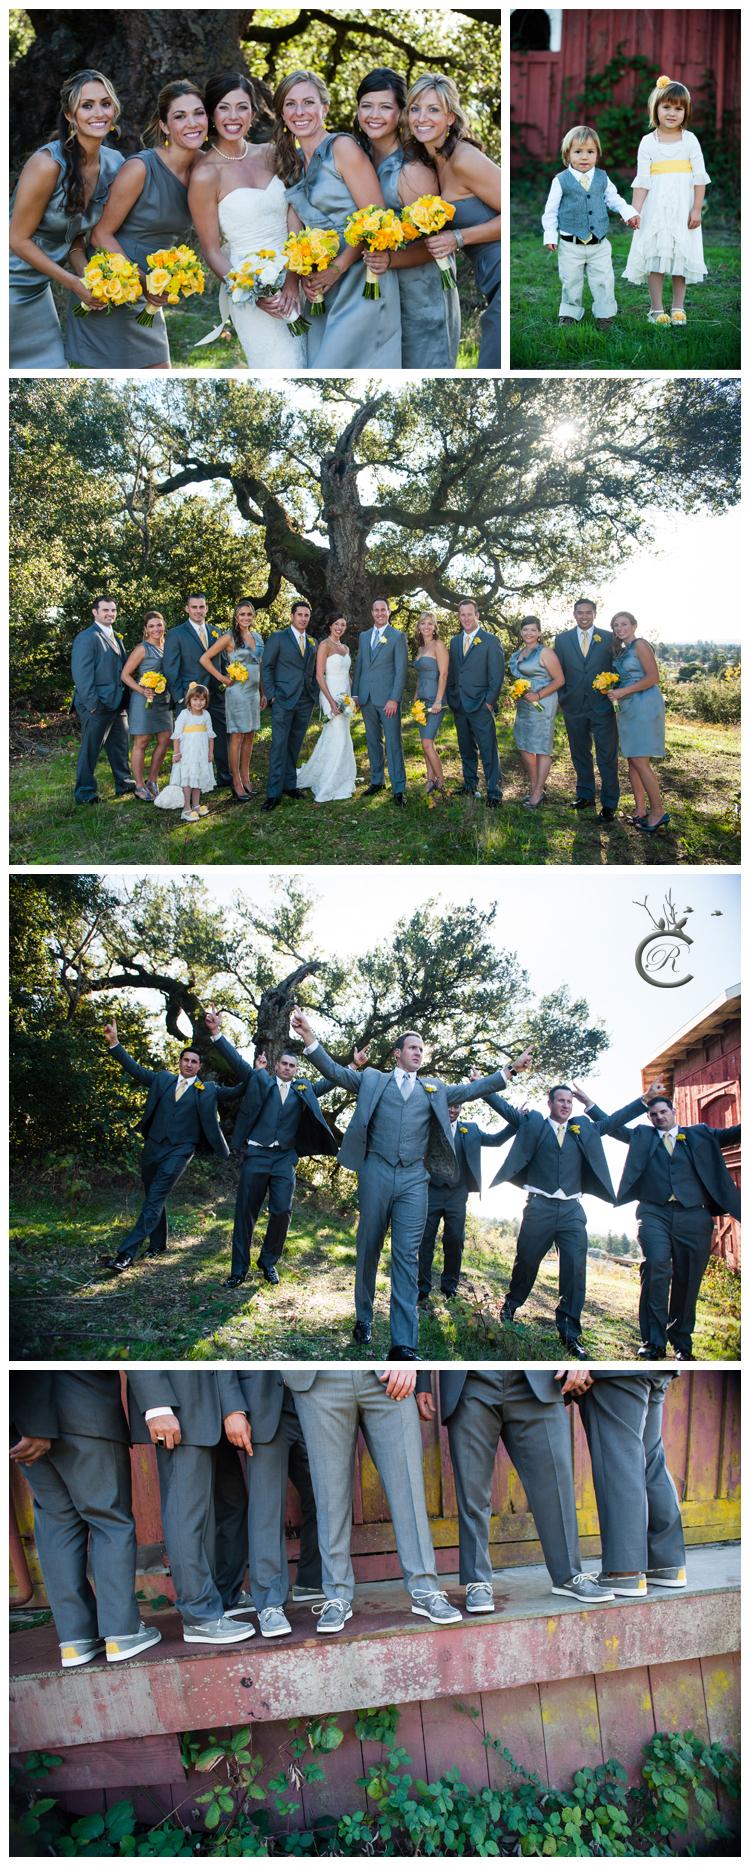 Bridal party photos at St. Francis Winery